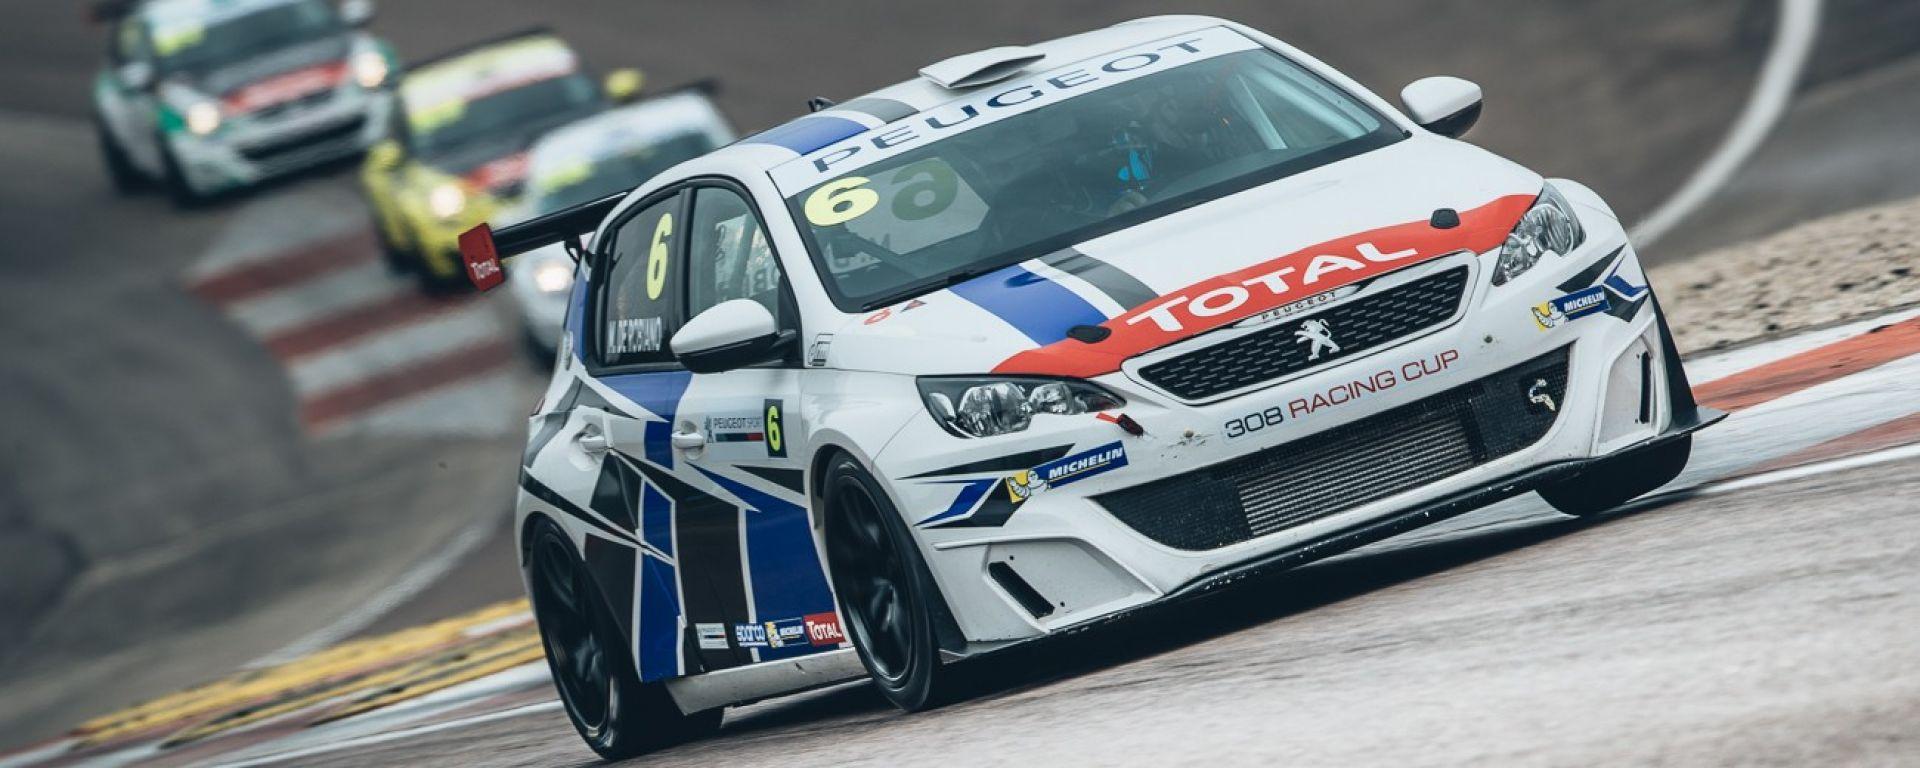 Peugeot 308 Racing Cup, Matthieu de Robiano